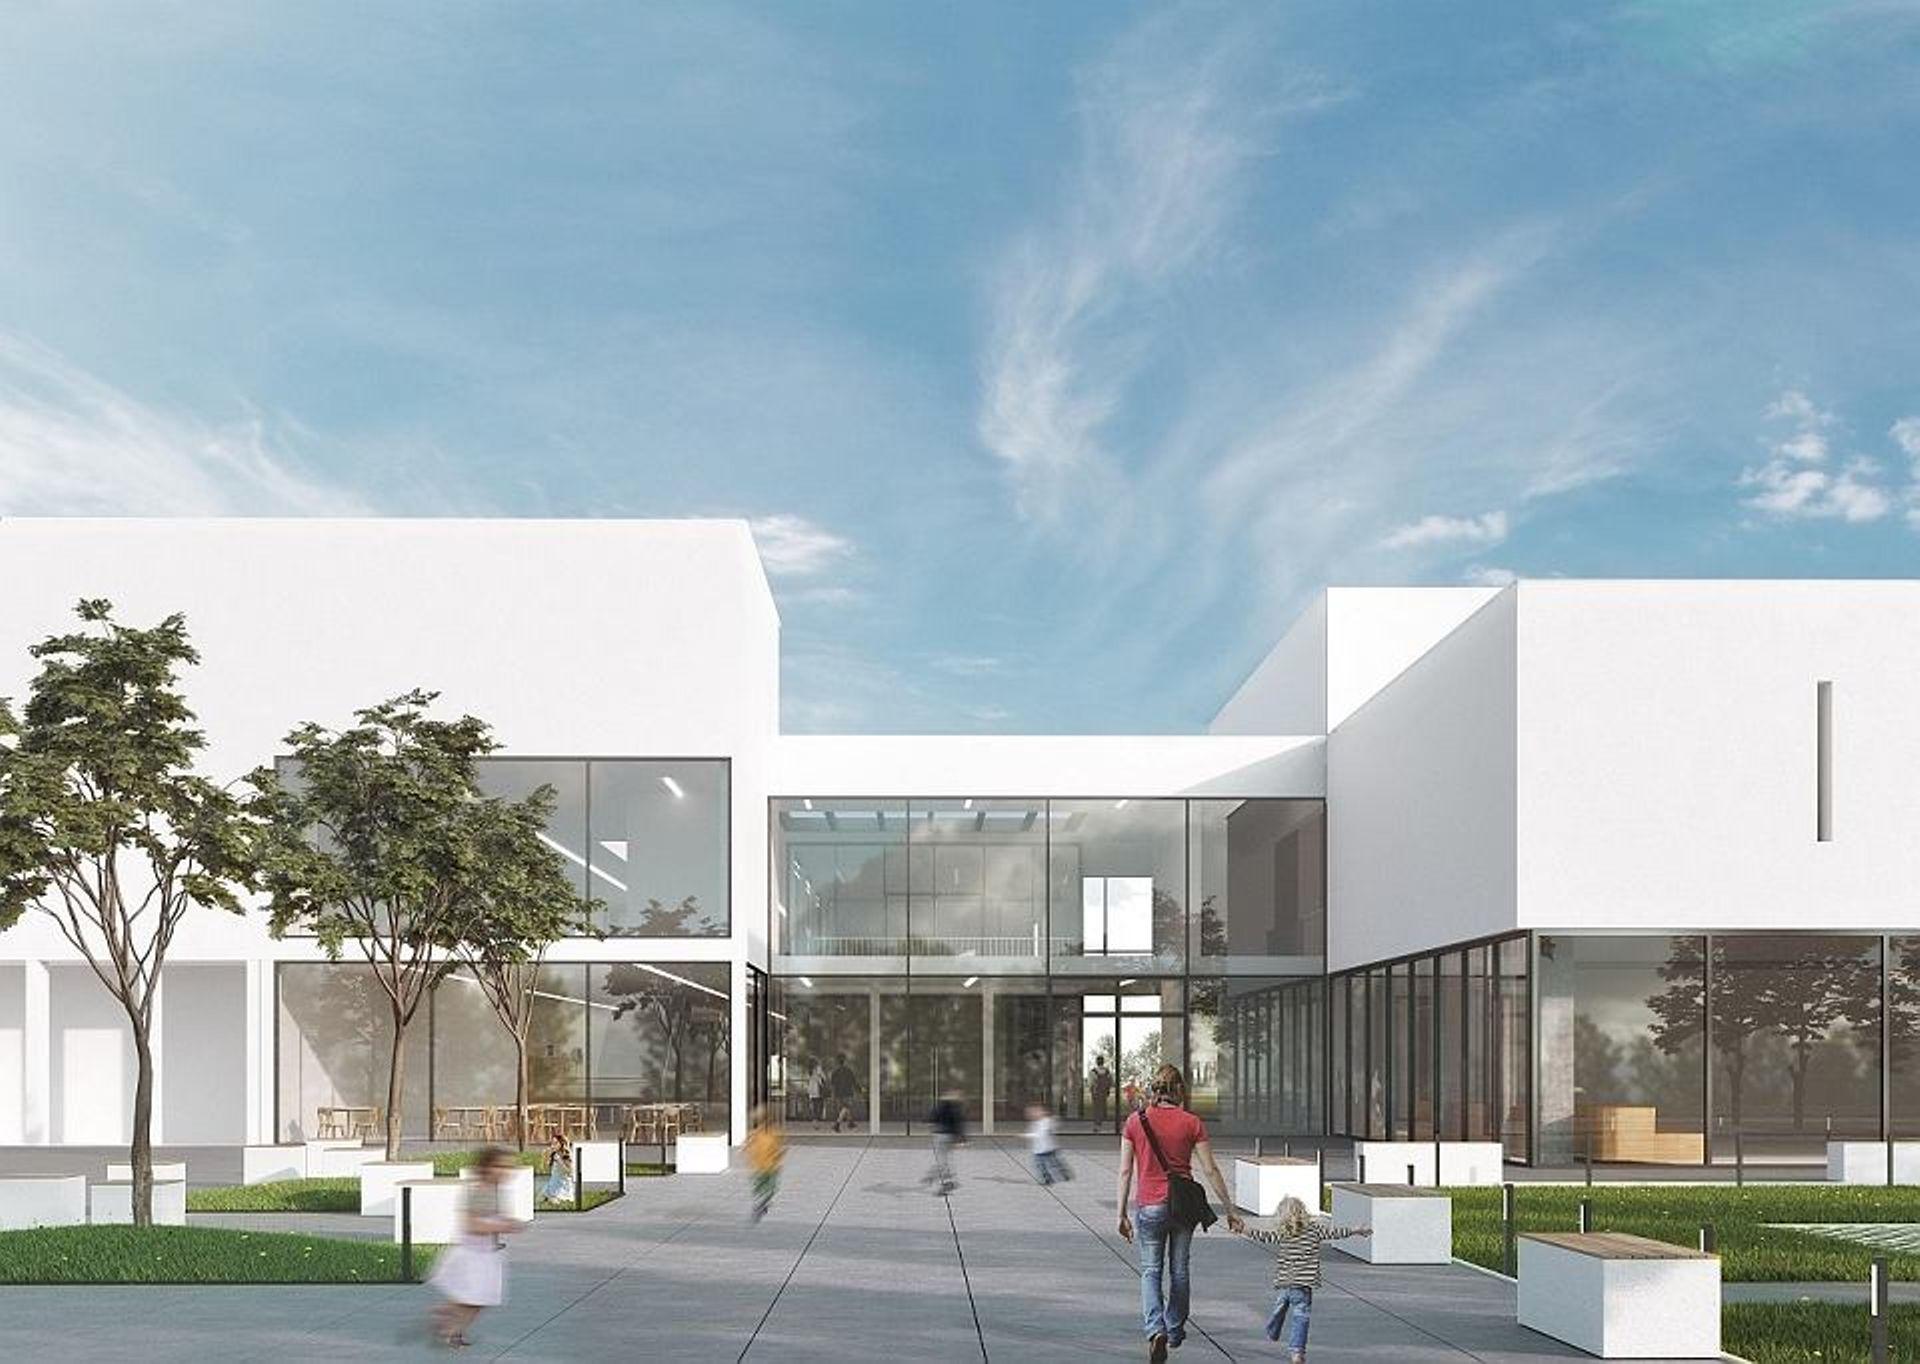 Dolny Śląsk: W podwrocławskim Smolcu powstanie nowy kompleks szkolno-przedszkolny